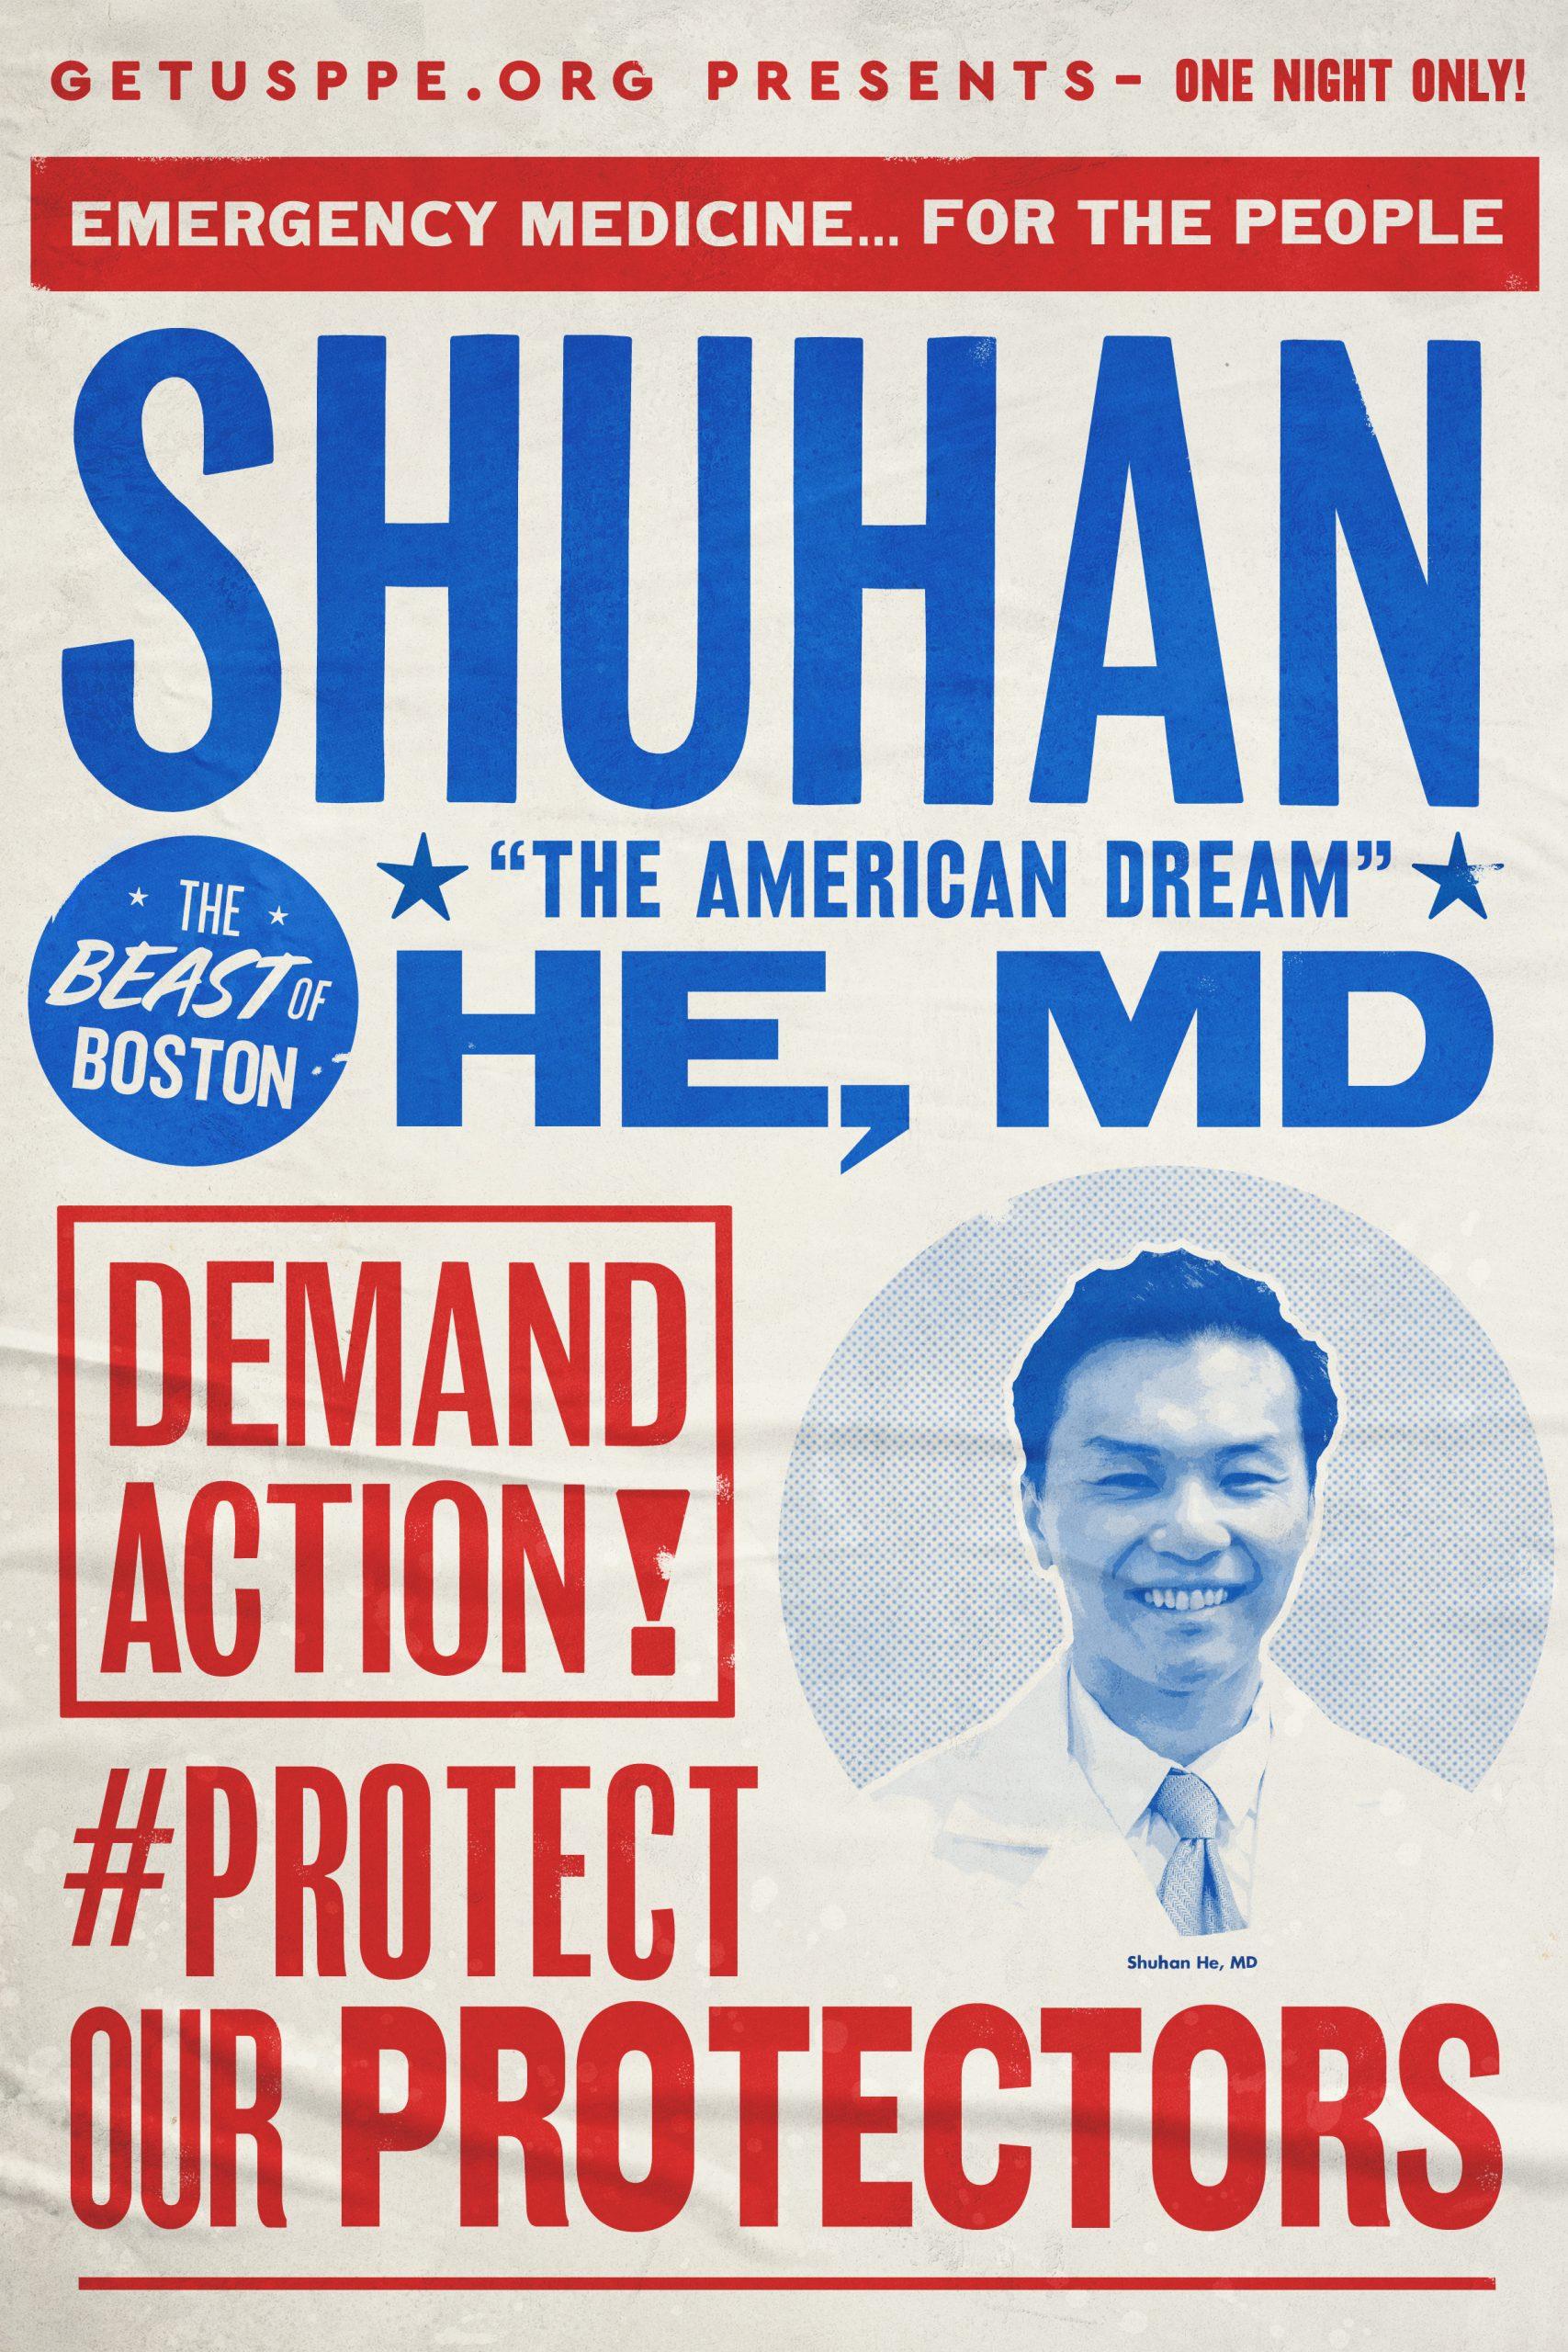 Dr. Shuhan He, MD